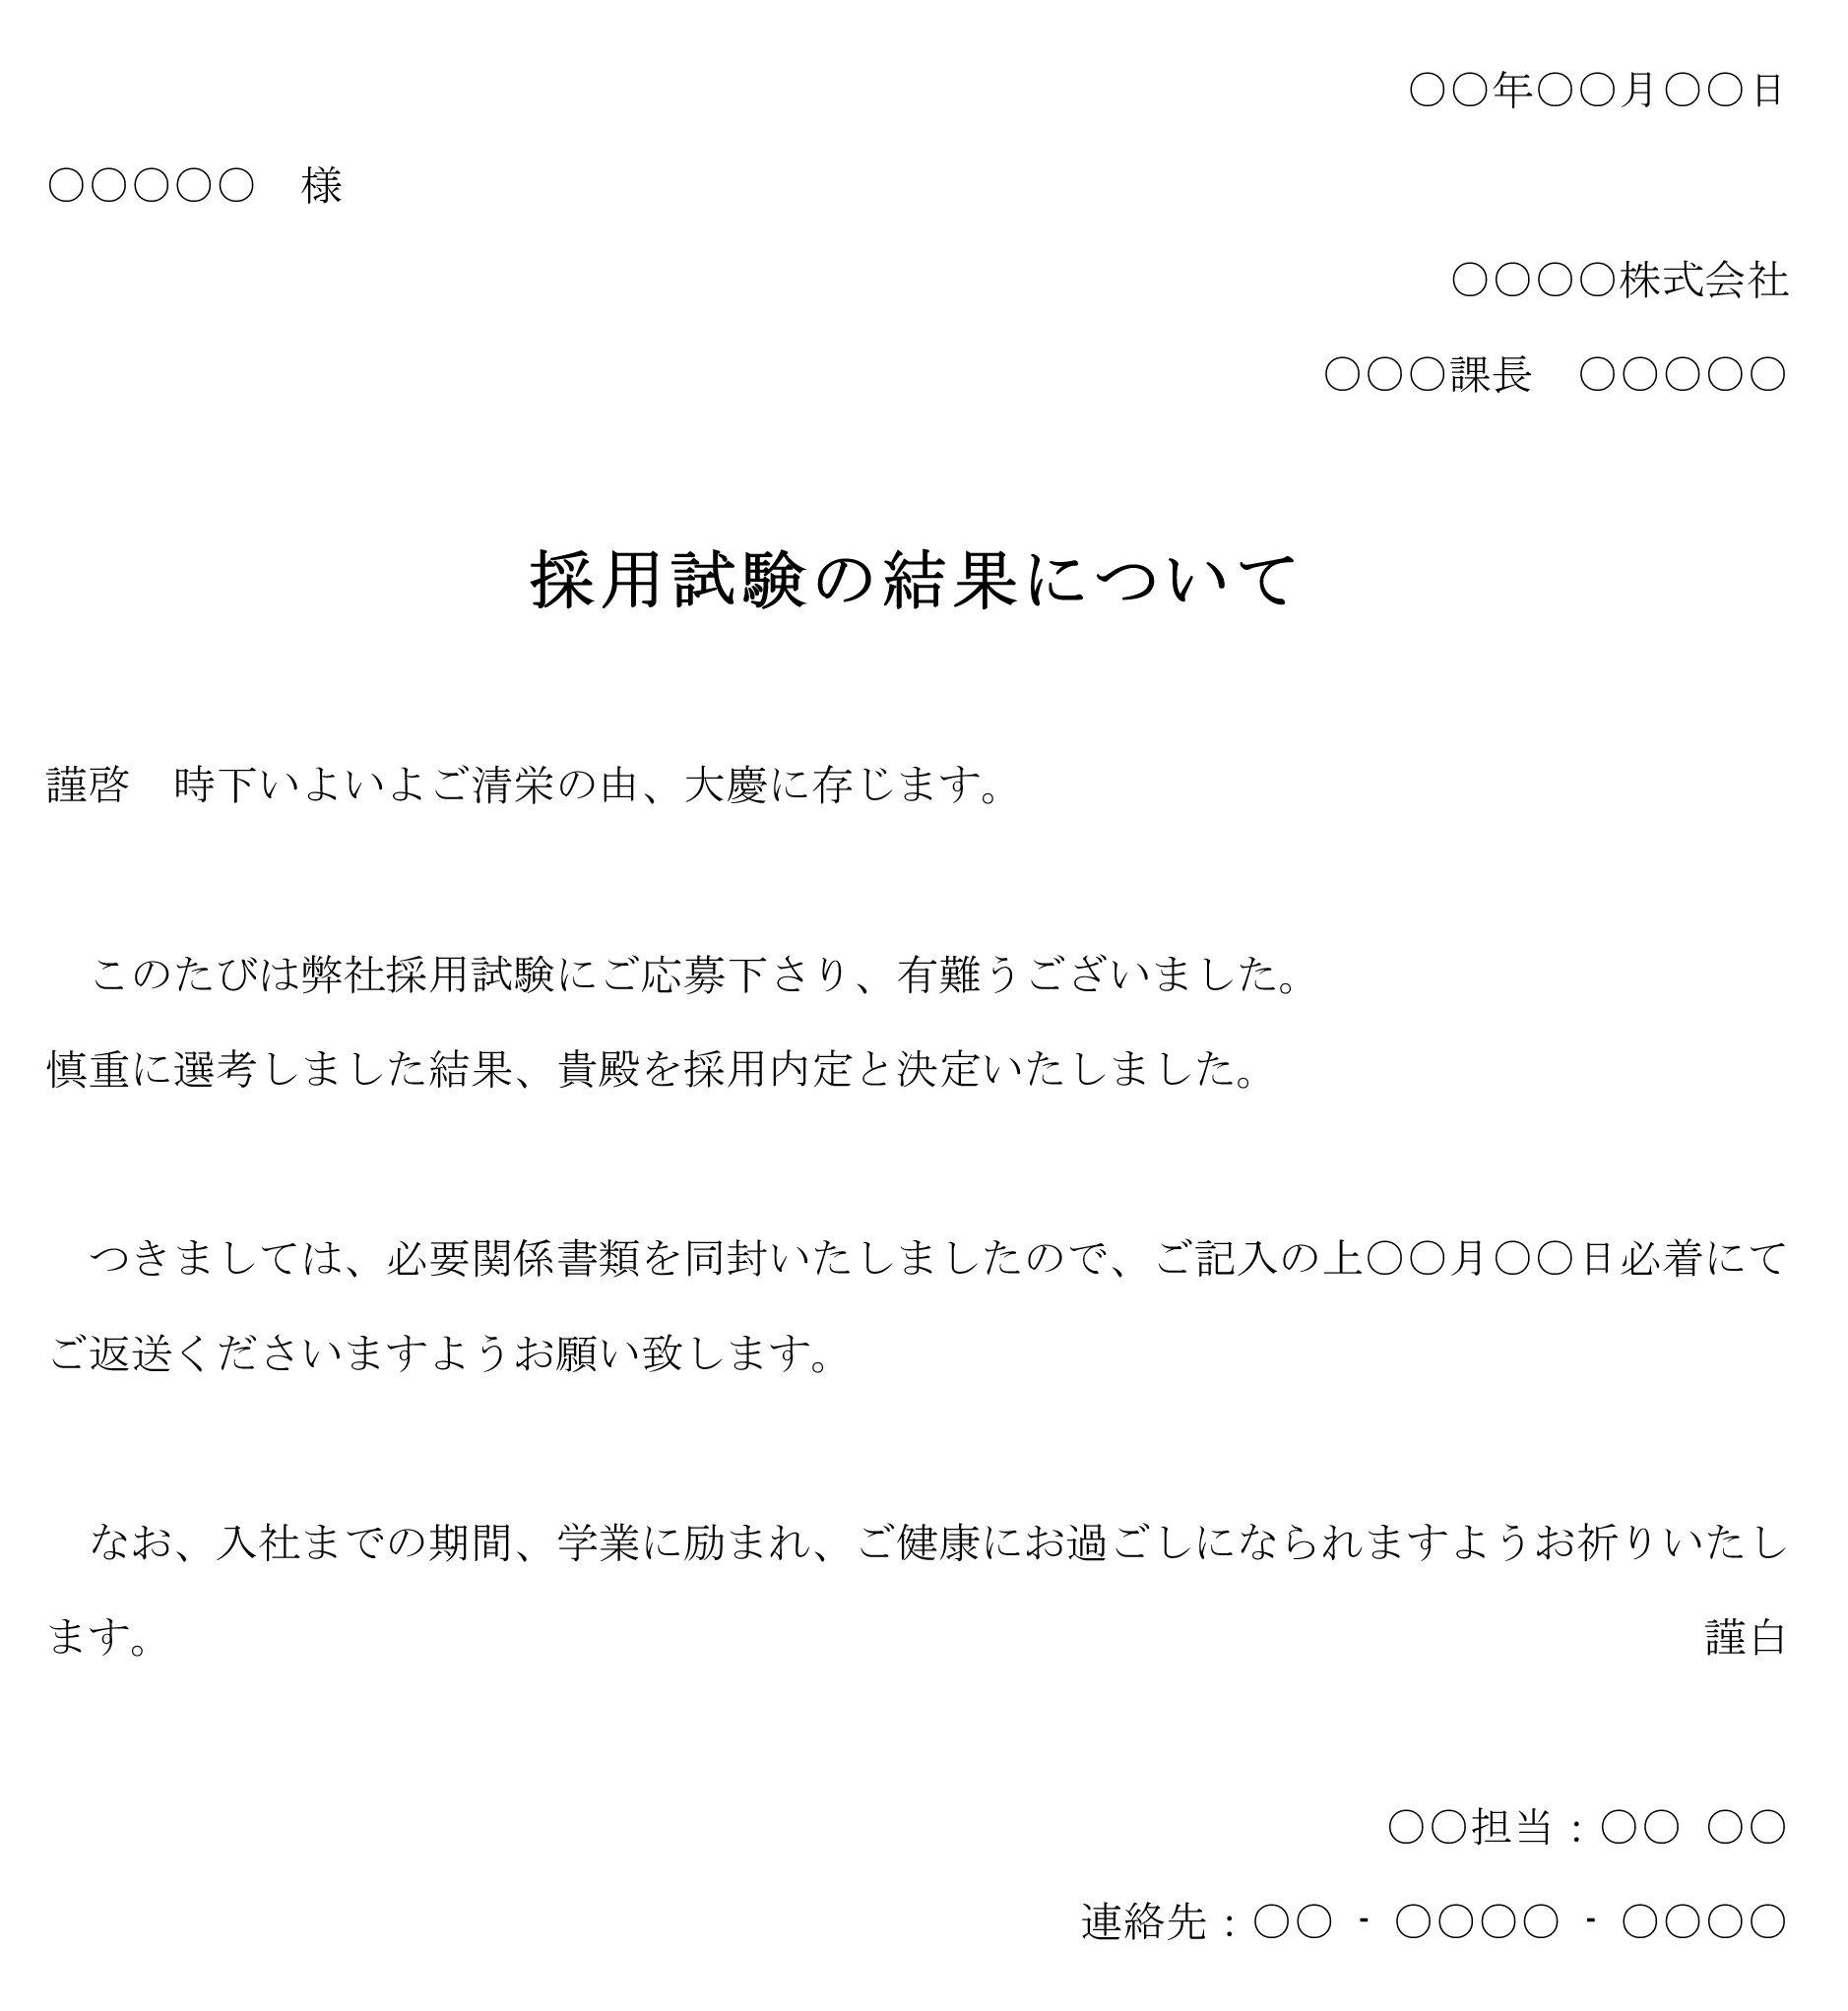 採用の通知状01